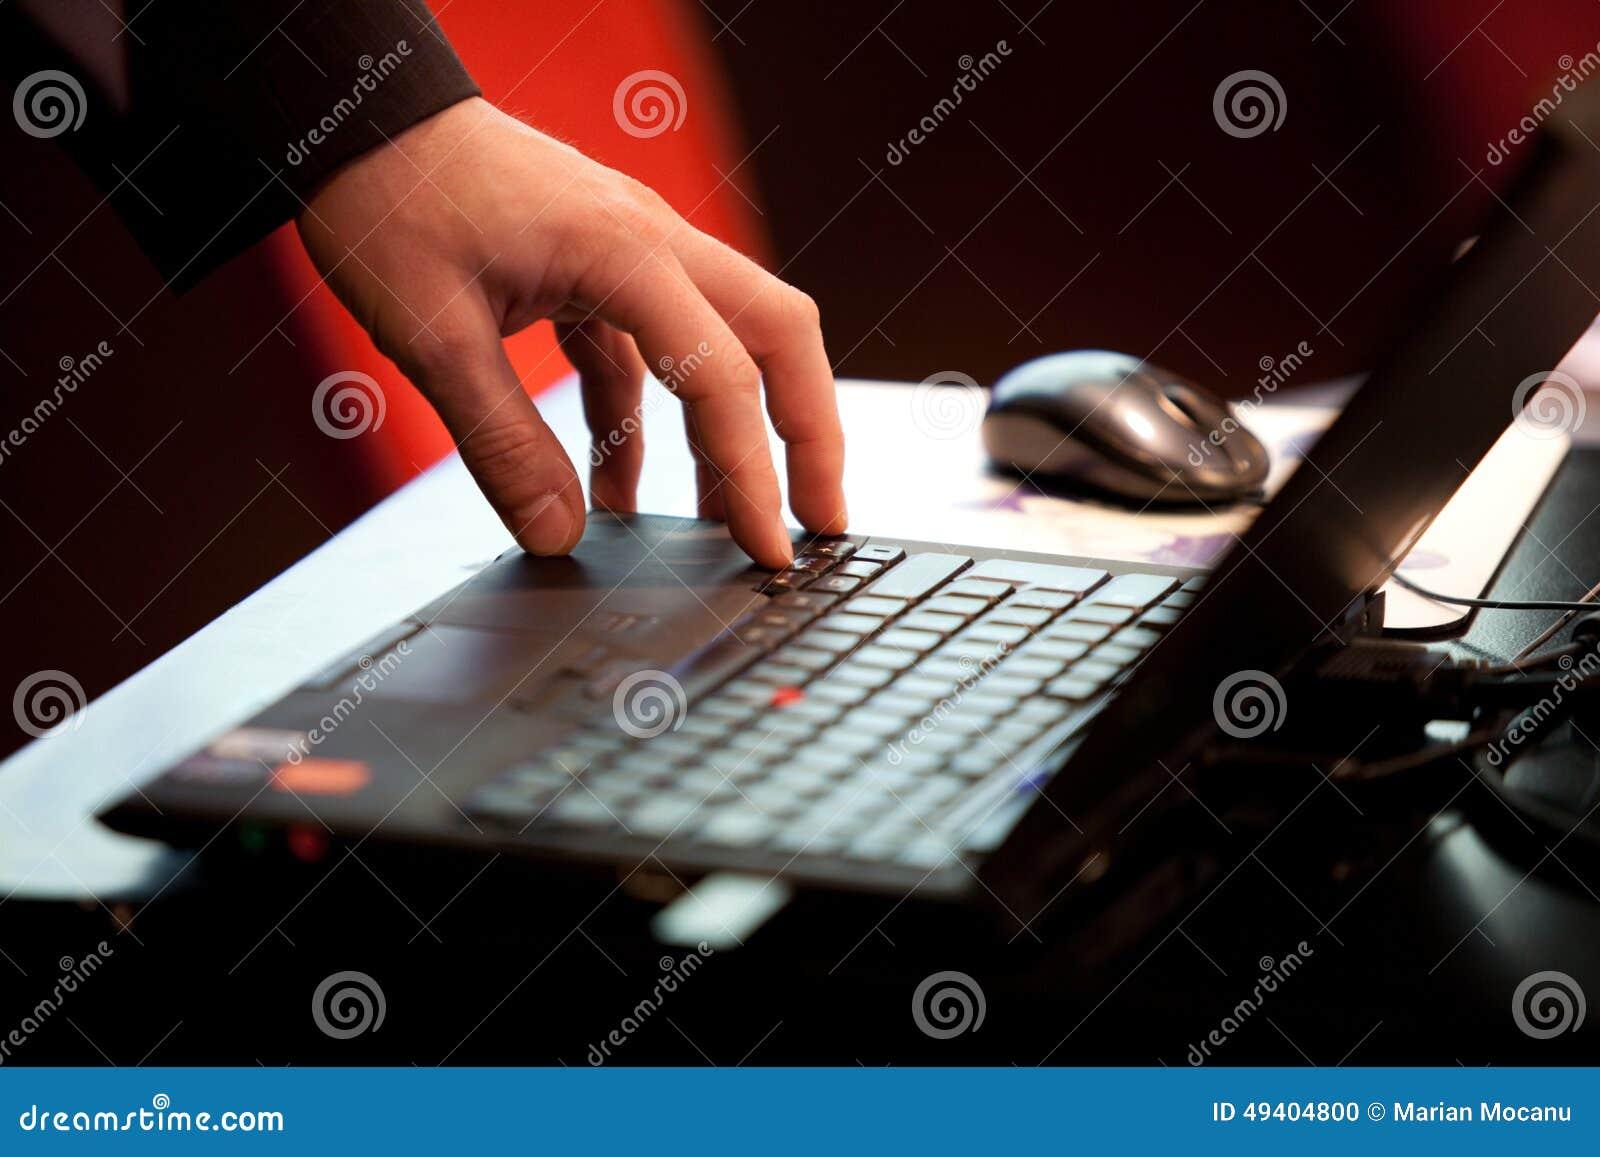 Download Schreiben stockfoto. Bild von verwenden, finger, nearsighted - 49404800